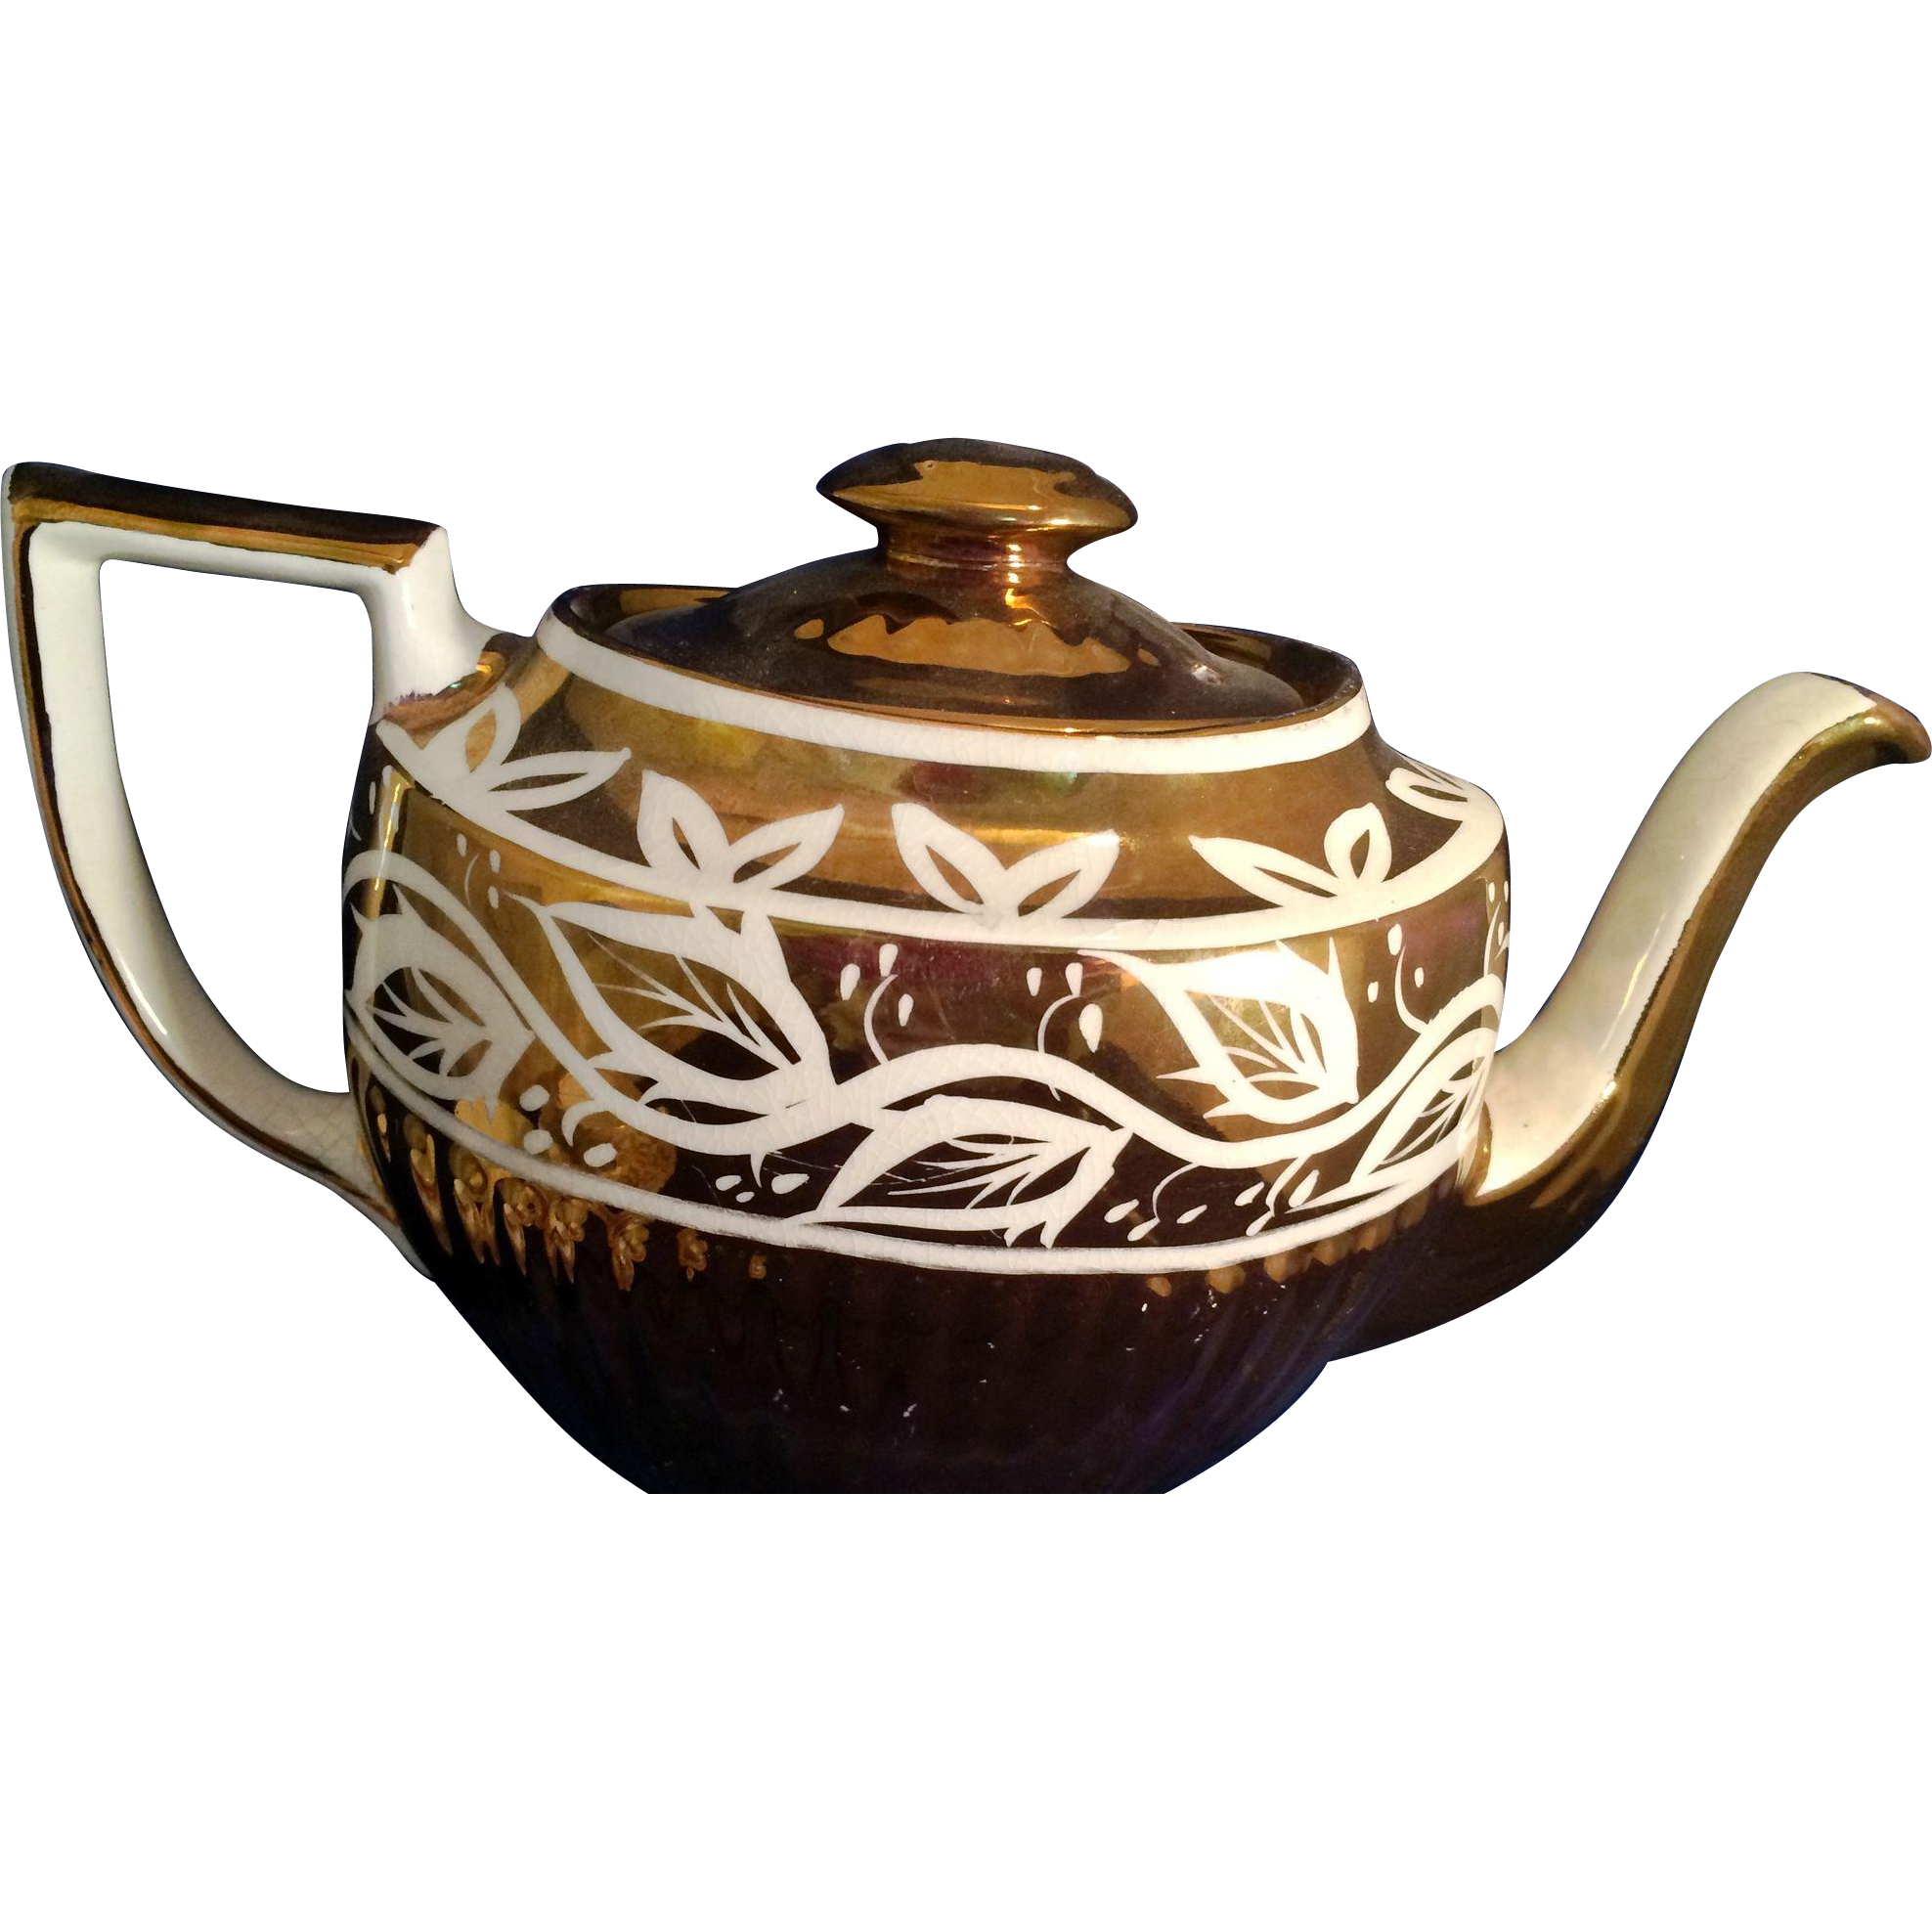 1940's Teapot Arthur Wood England Queen Ann gold luster teapot